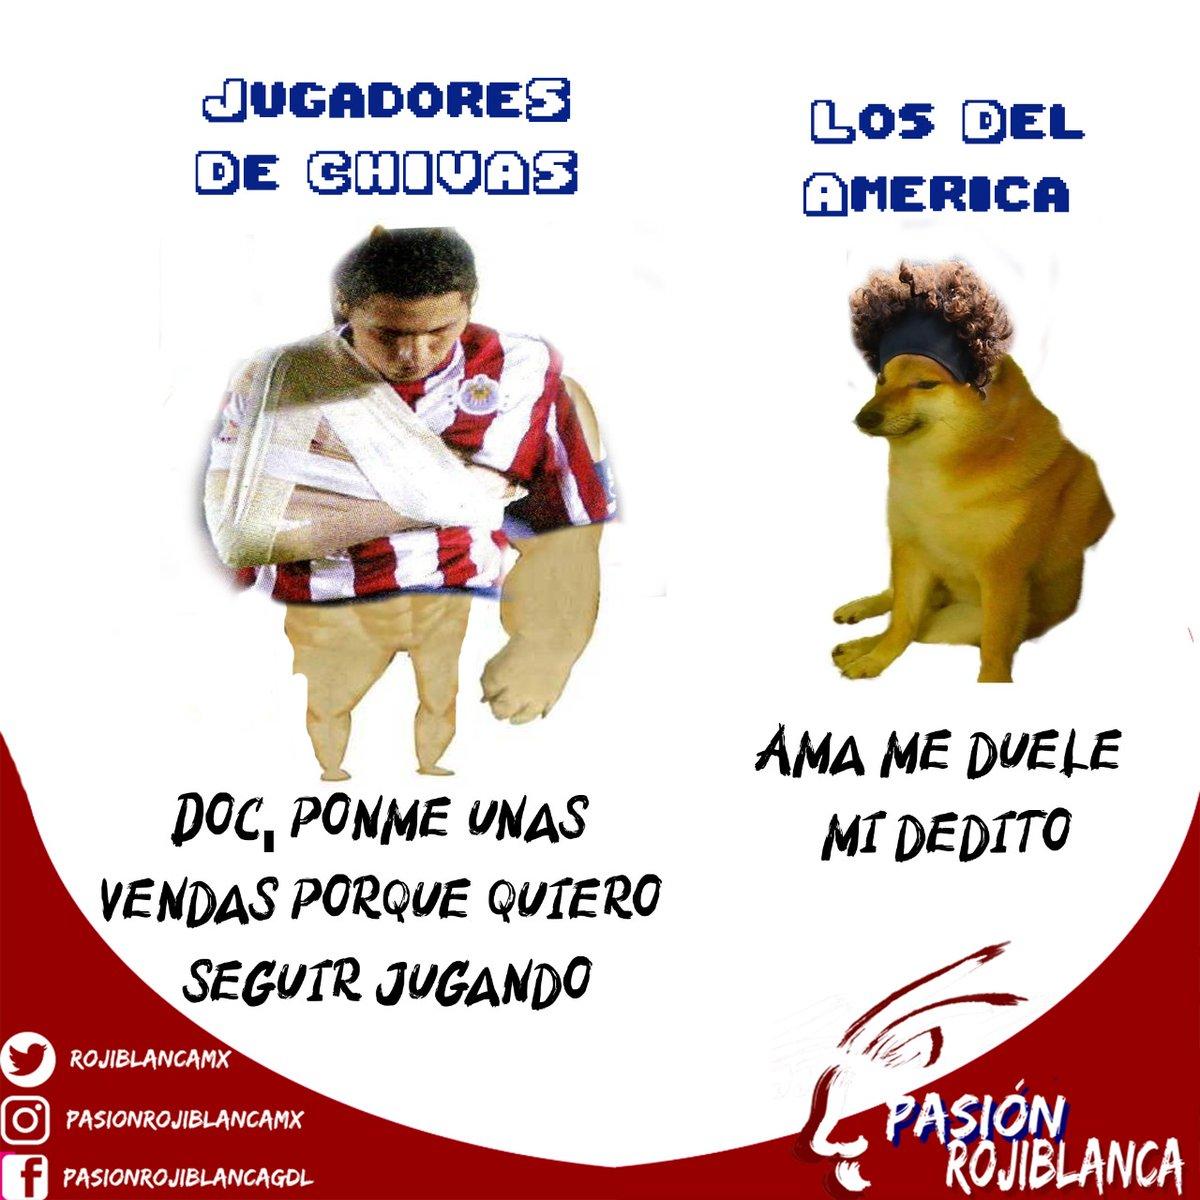 """¿Recuerdan cuando @RamonMorales11 sufrió una lesión en loa 4tos de final y ni se quejó cómo hoy los """"nuevos futbolistas""""?  #chivas #chivas2020 https://t.co/KshC7cwttk"""